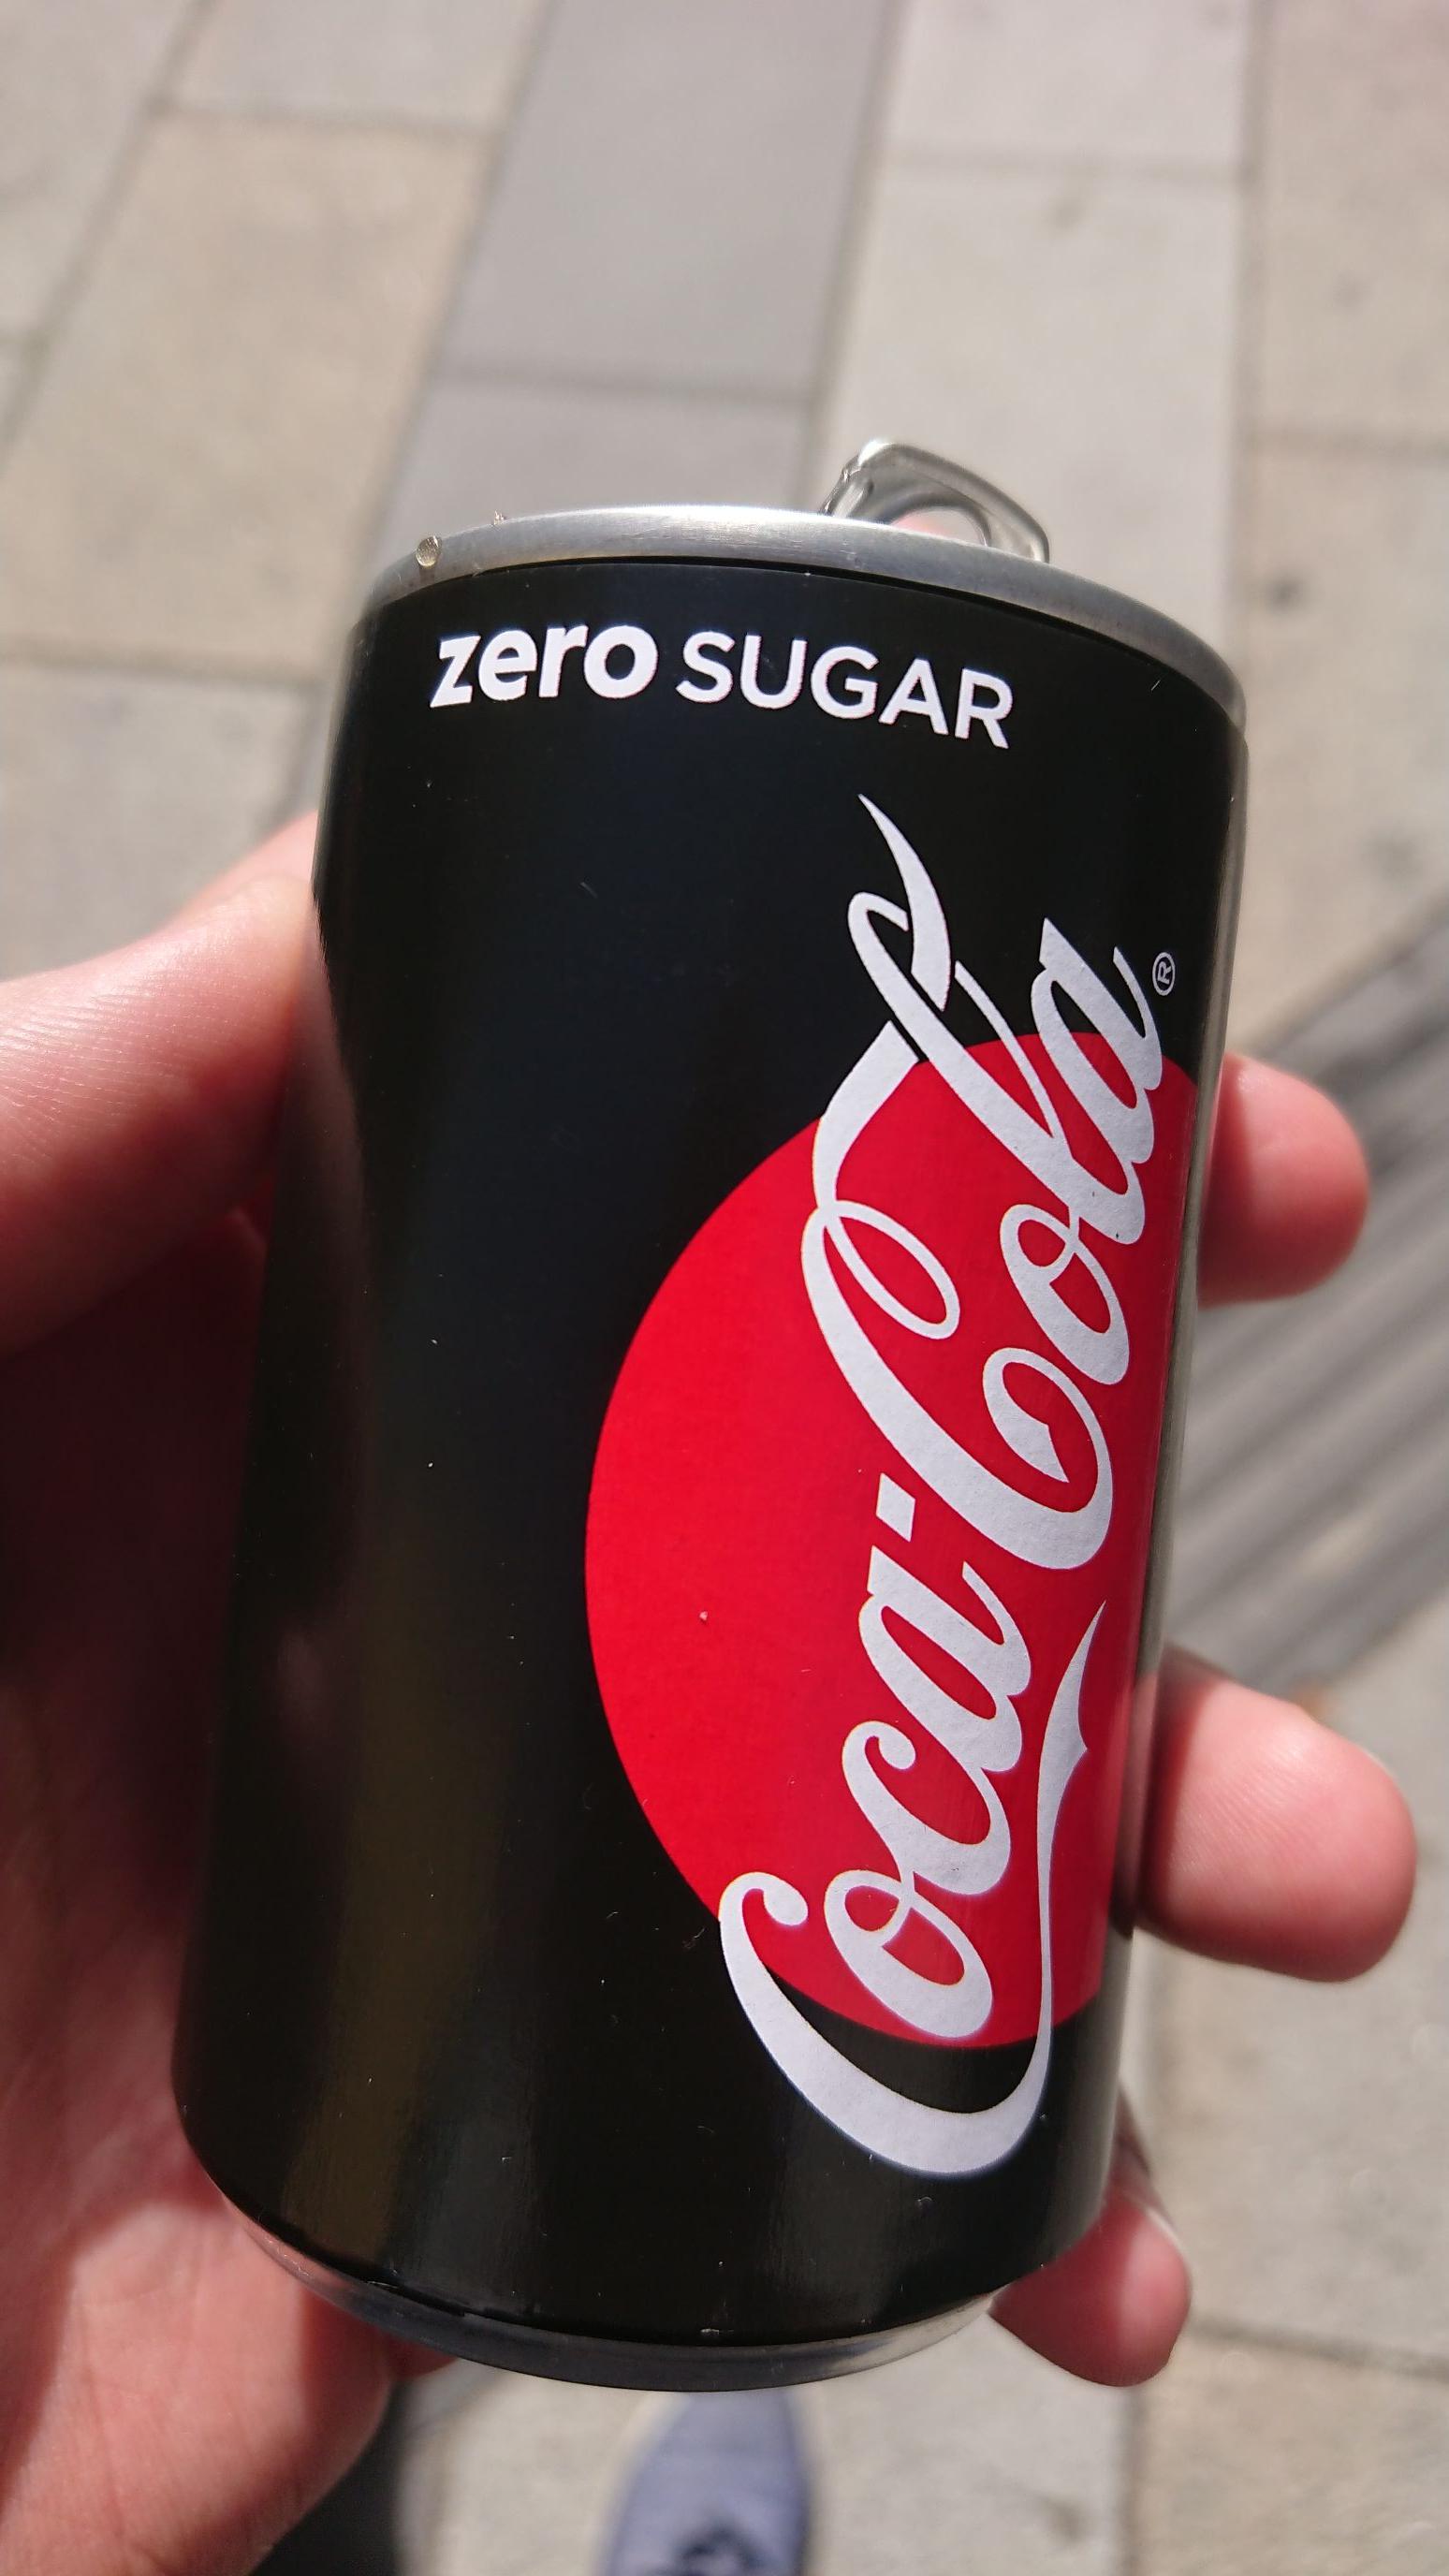 Gratis Cola Zero